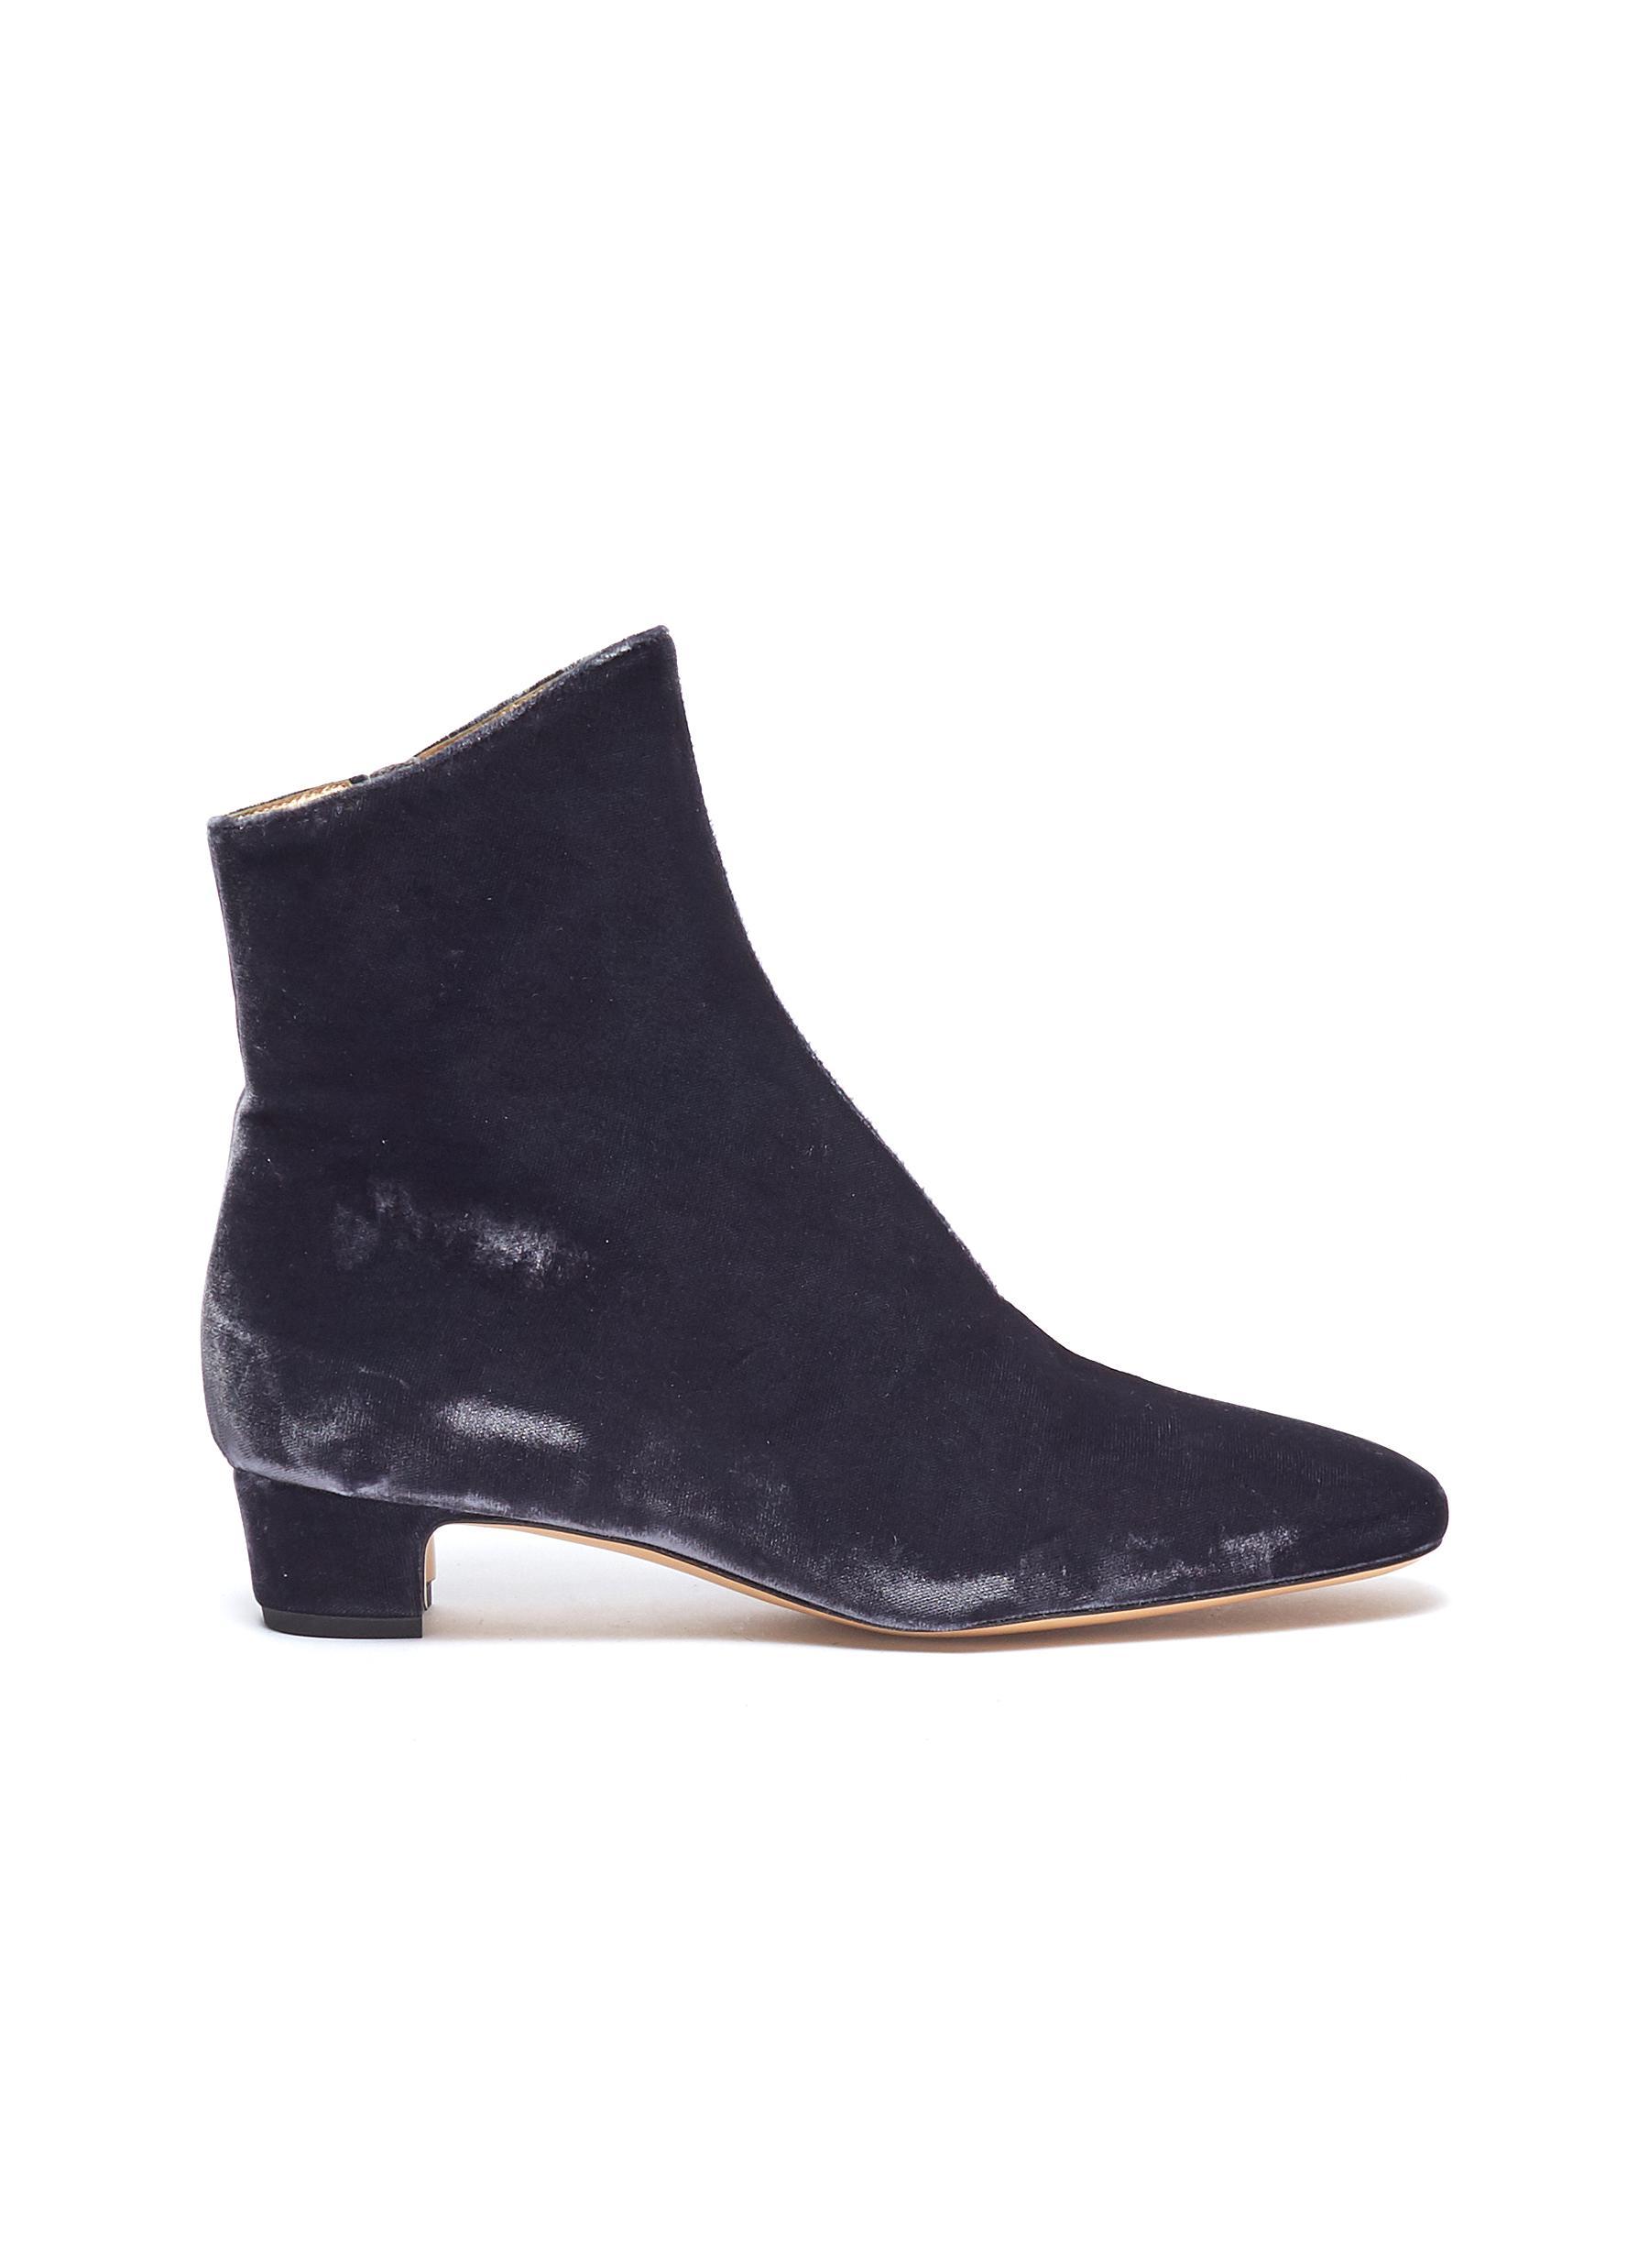 Zippo' velvet ankle boots - EMMA HOPE - Modalova